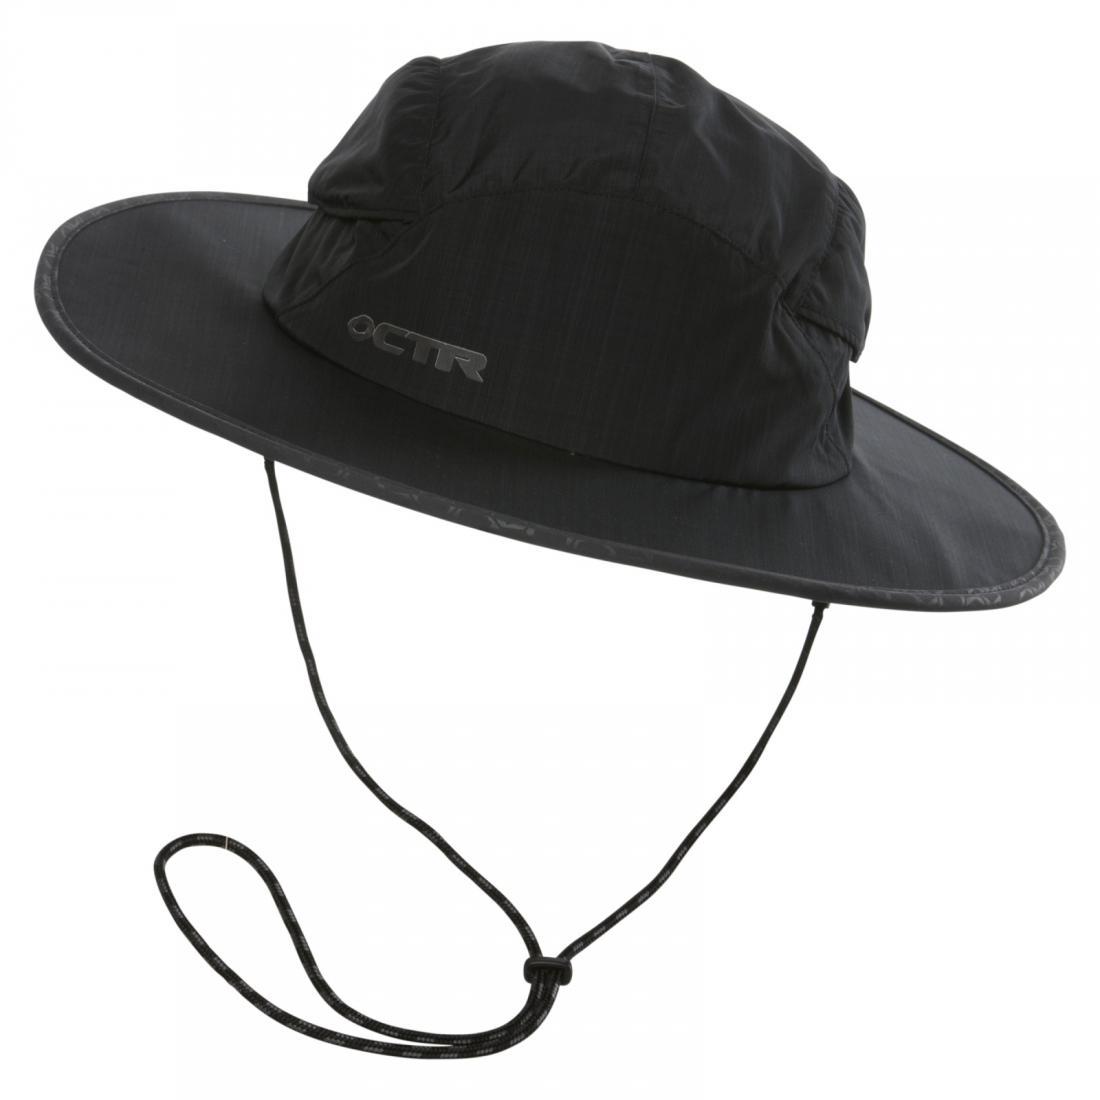 Панама Chaos  Stratus SombreroПанамы<br><br> В путешествии, в походе или в длительной прогулке сложно обойтись без удобной панамы, такой как Chaos Stratus Sombrero. Эта широкополая шляпа служит отличной защитой не только от обжигающих солнечных лучей, но и от дождя.<br><br><br> Особенност...<br><br>Цвет: Черный<br>Размер: S-M